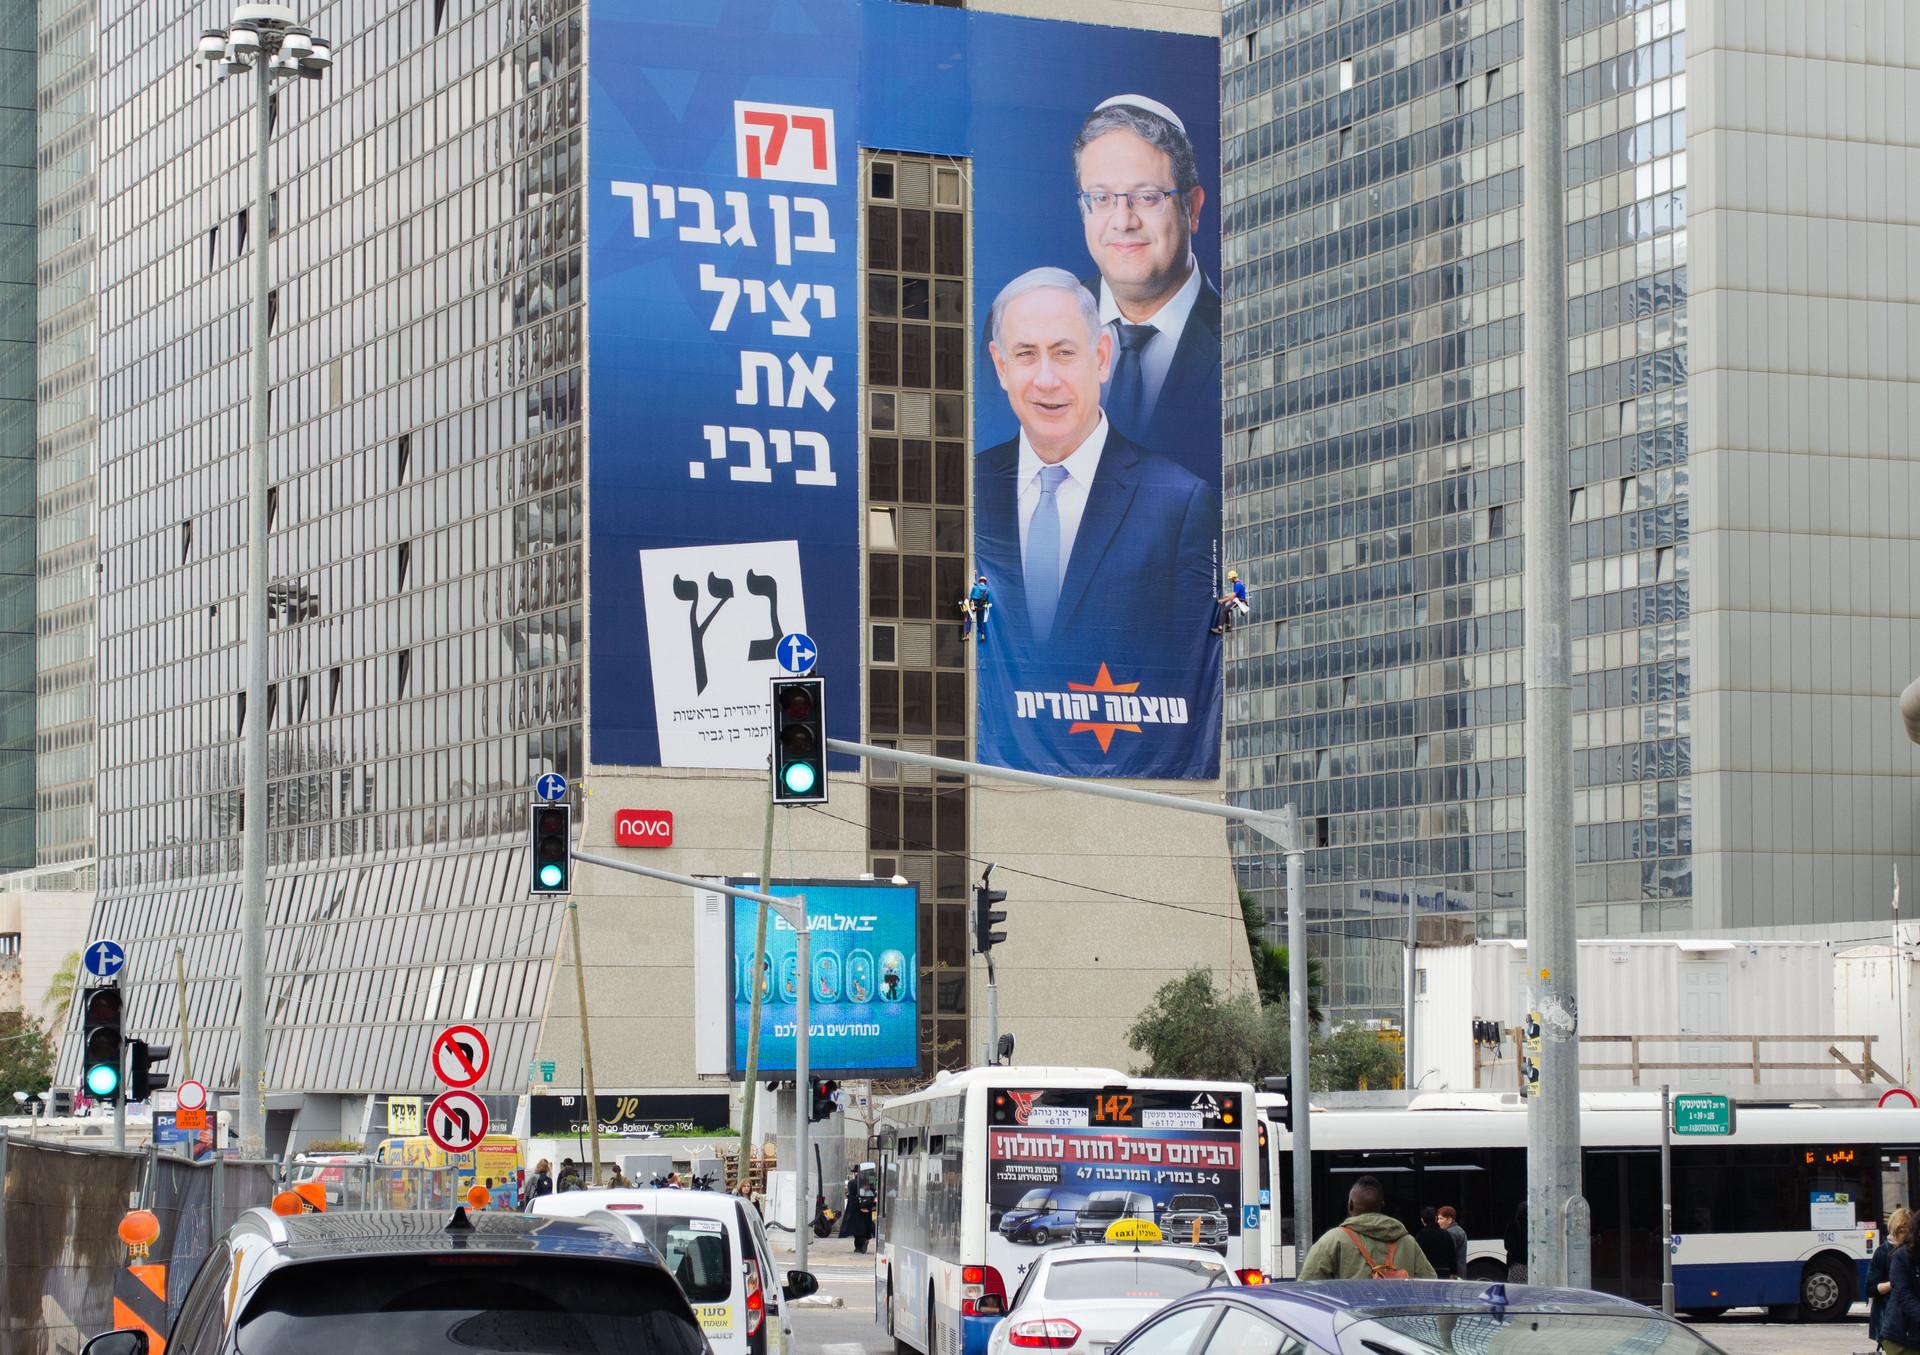 עוצמה יהודית - קיר עלית